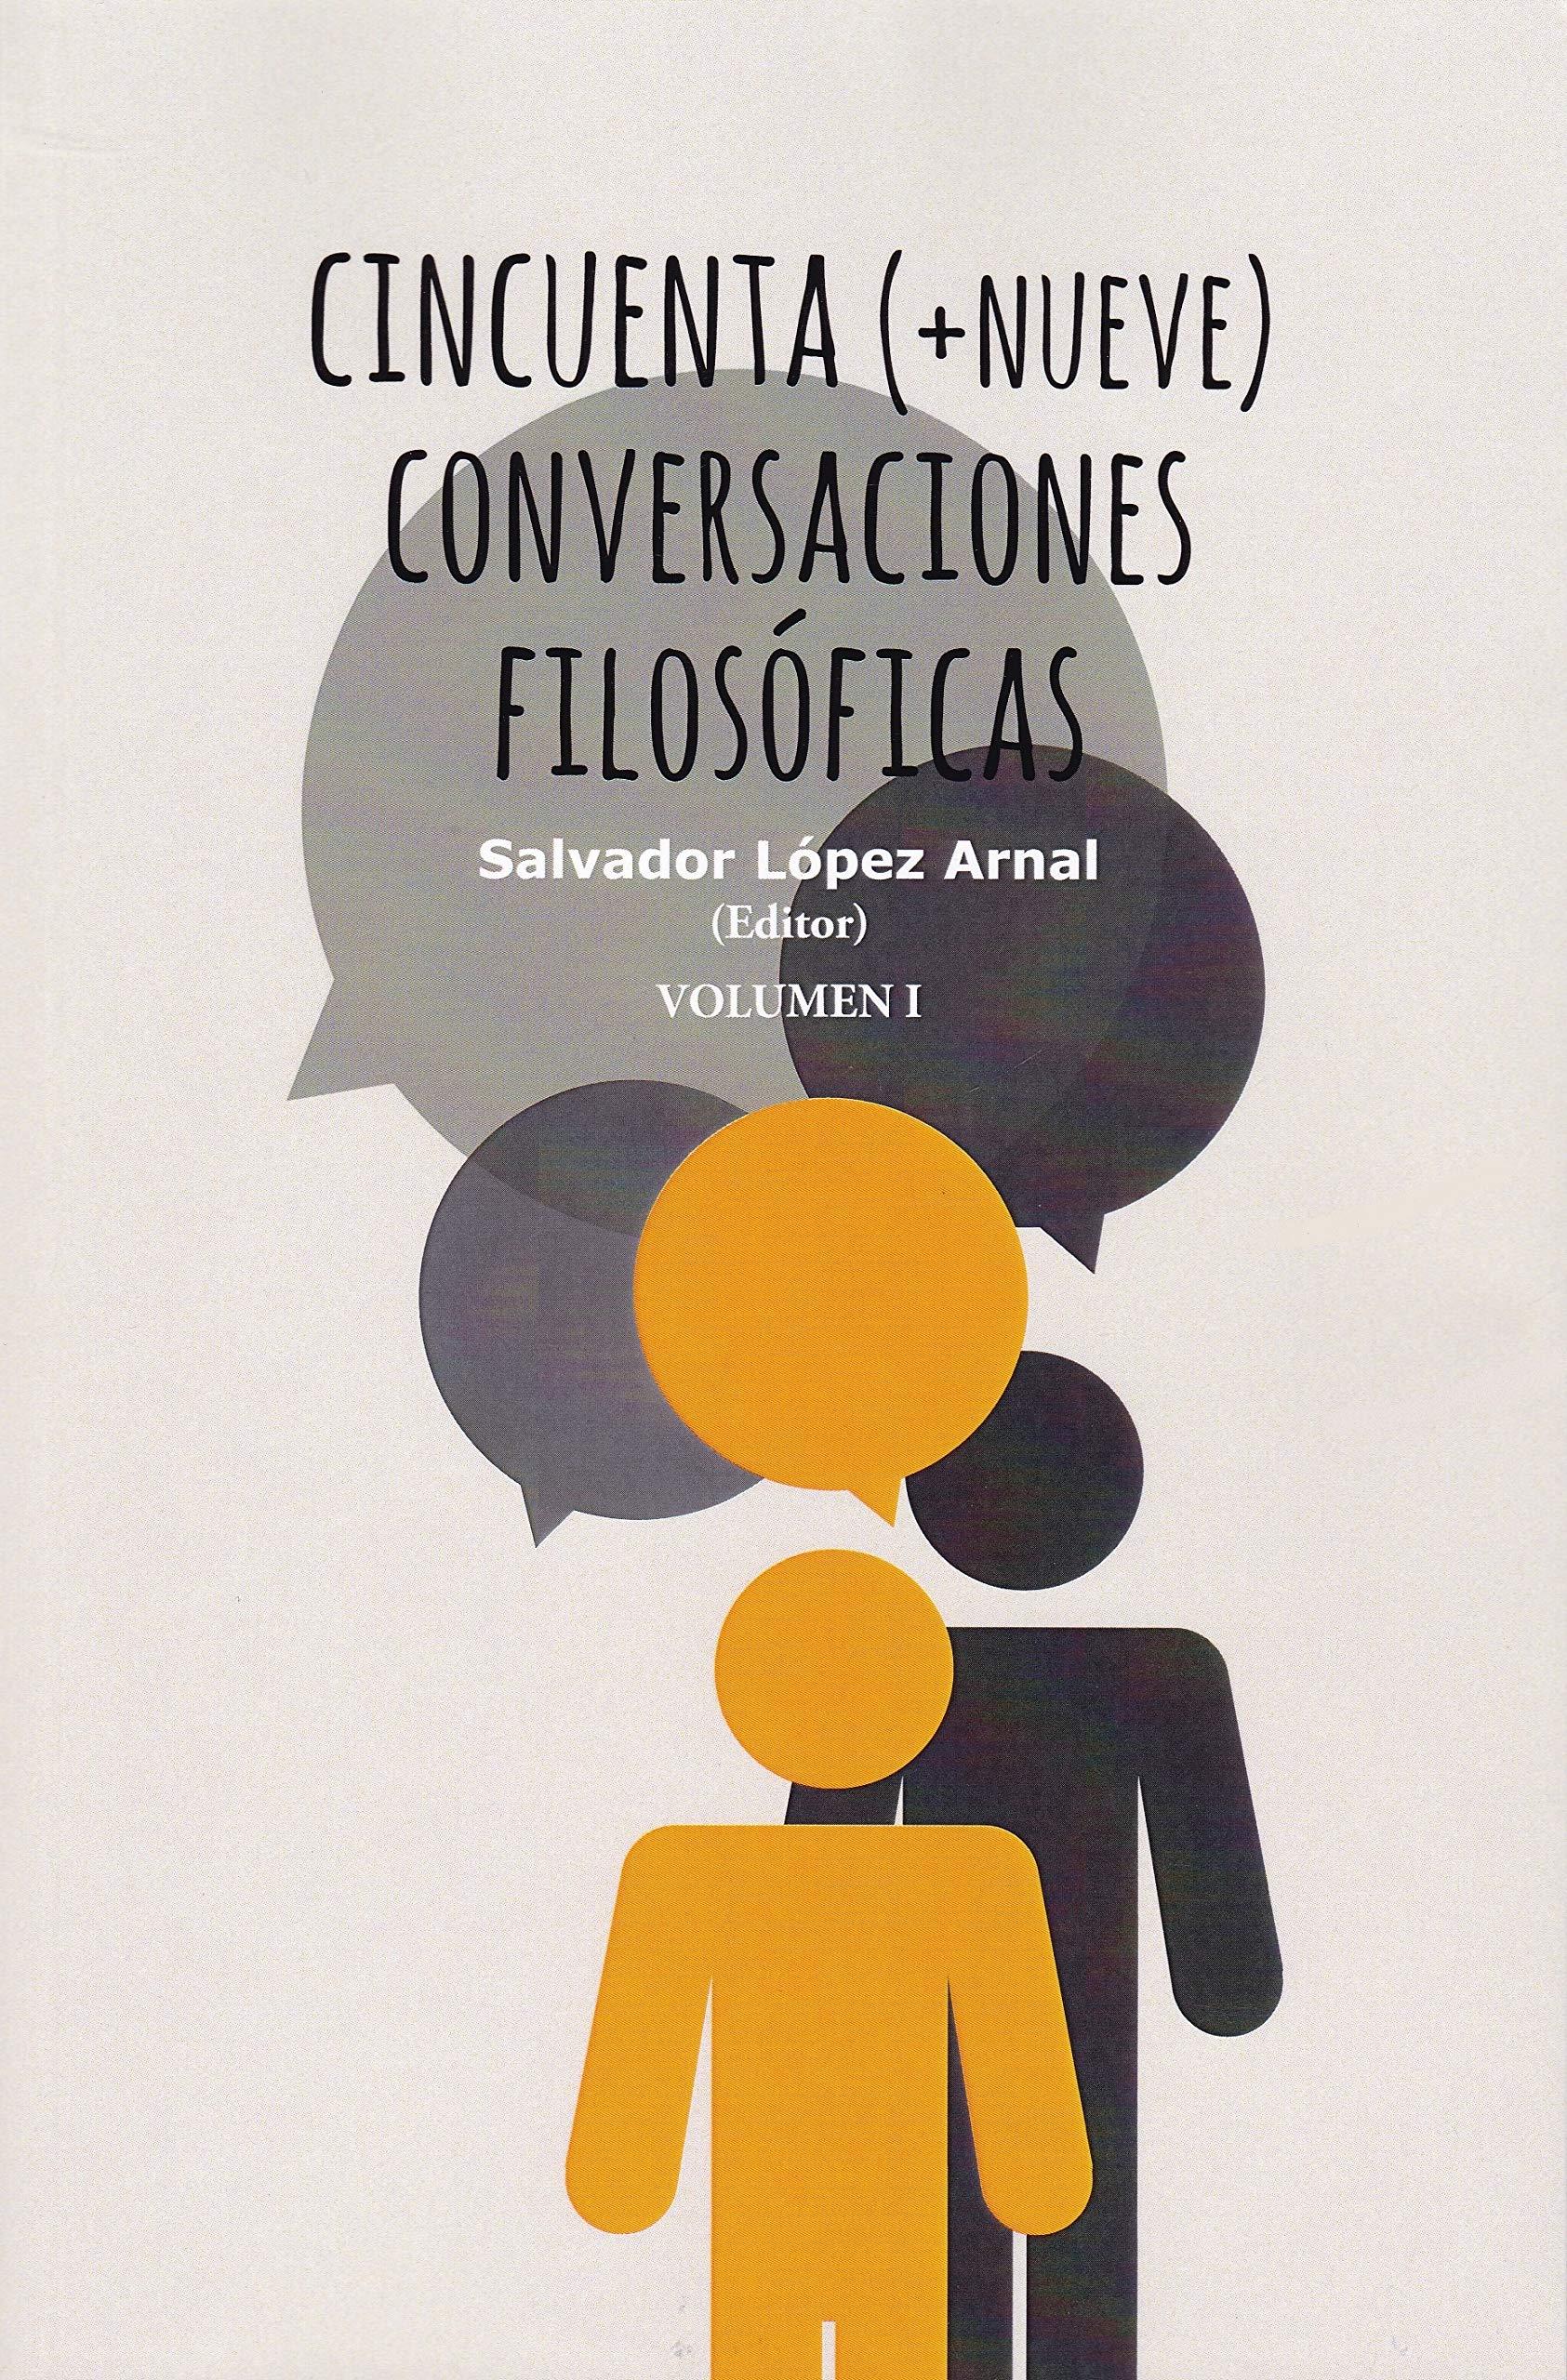 Cincuenta +nueve conversaciones filosóficas - 2 volúmenes: Amazon.es: Salvador López Arnal: Libros